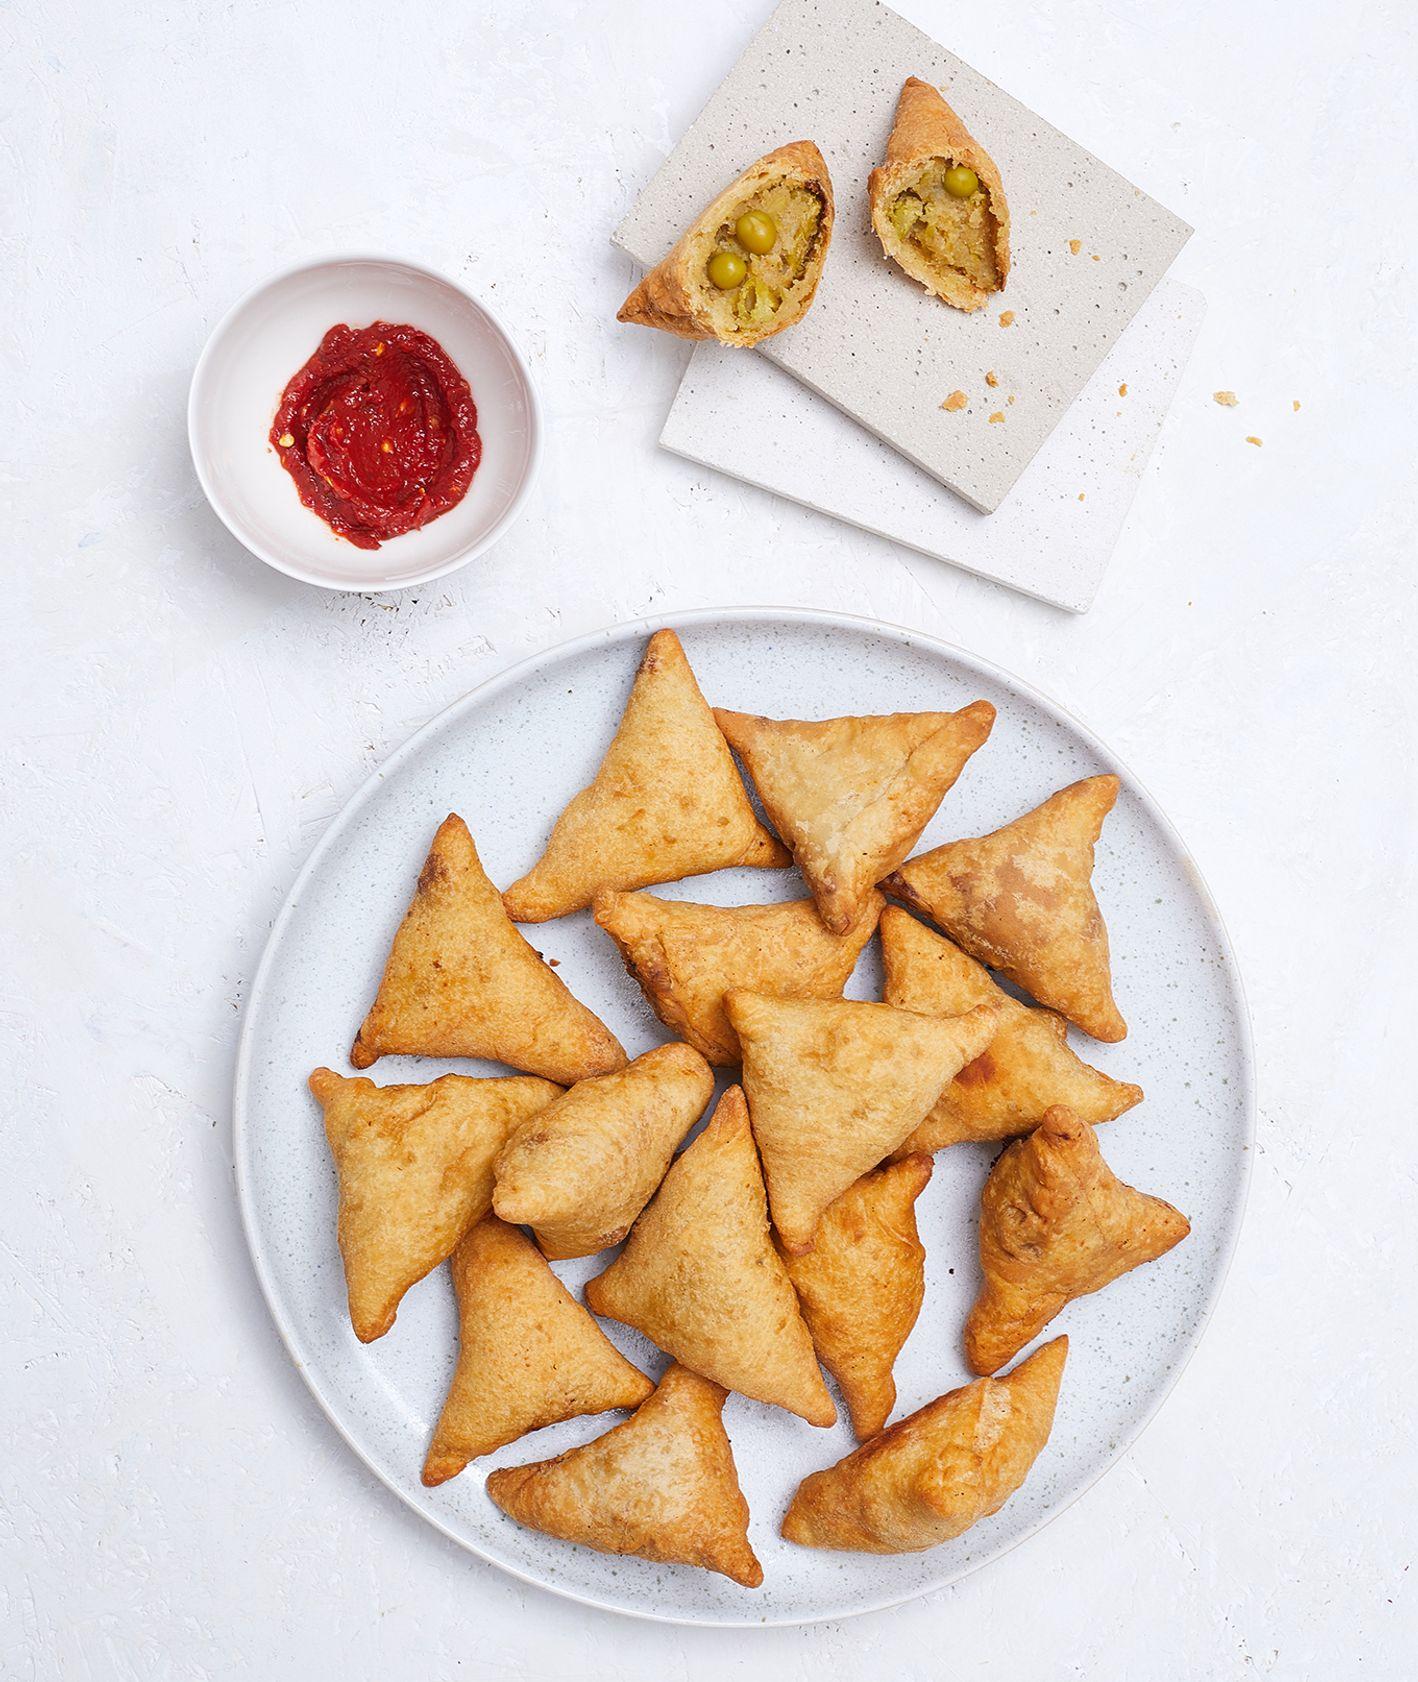 Chrupkie trójkąciki, czyli indyjskie samosy z ostrym sosem (fot. Maciek Niemojewski)